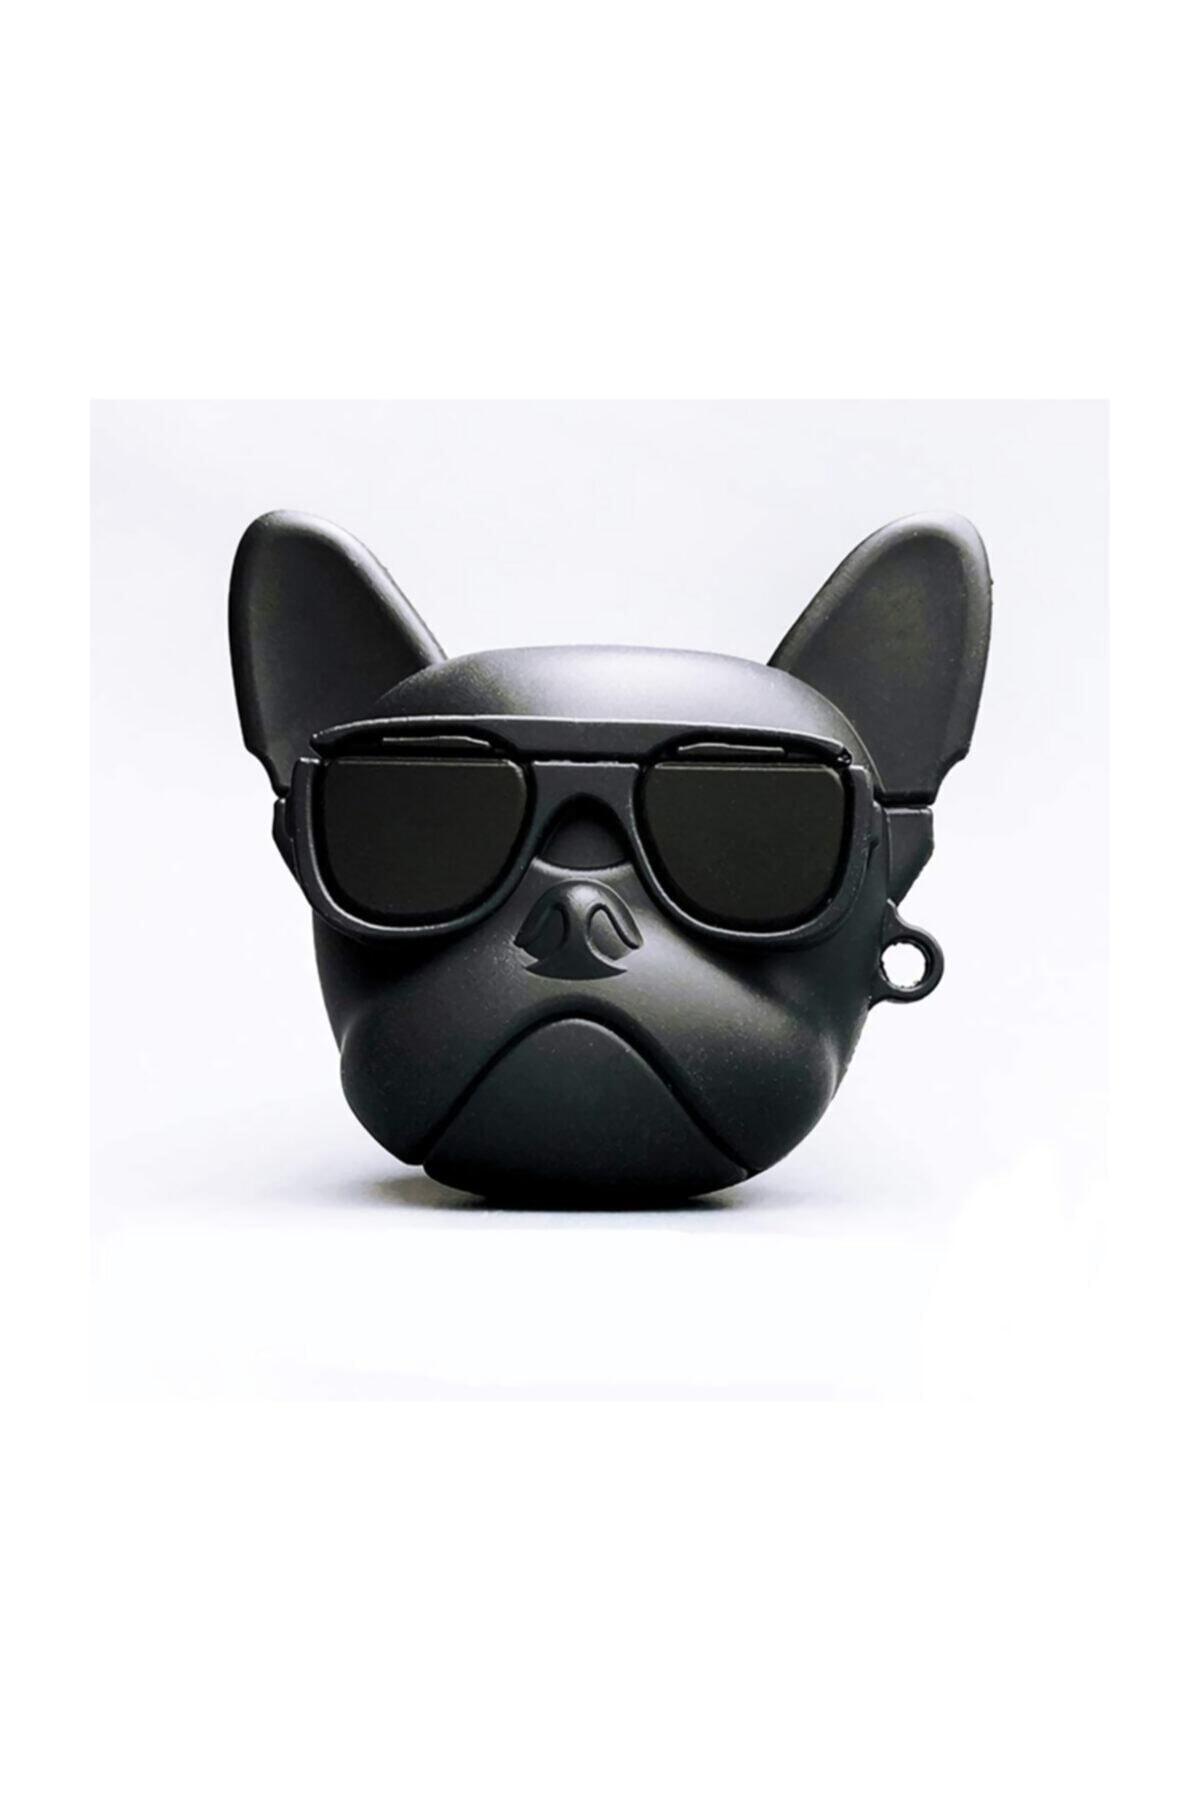 Playseba Airpods 1 ve 2 Uyumlu French Bulldog Köpek Koruyucu Kılıf 1